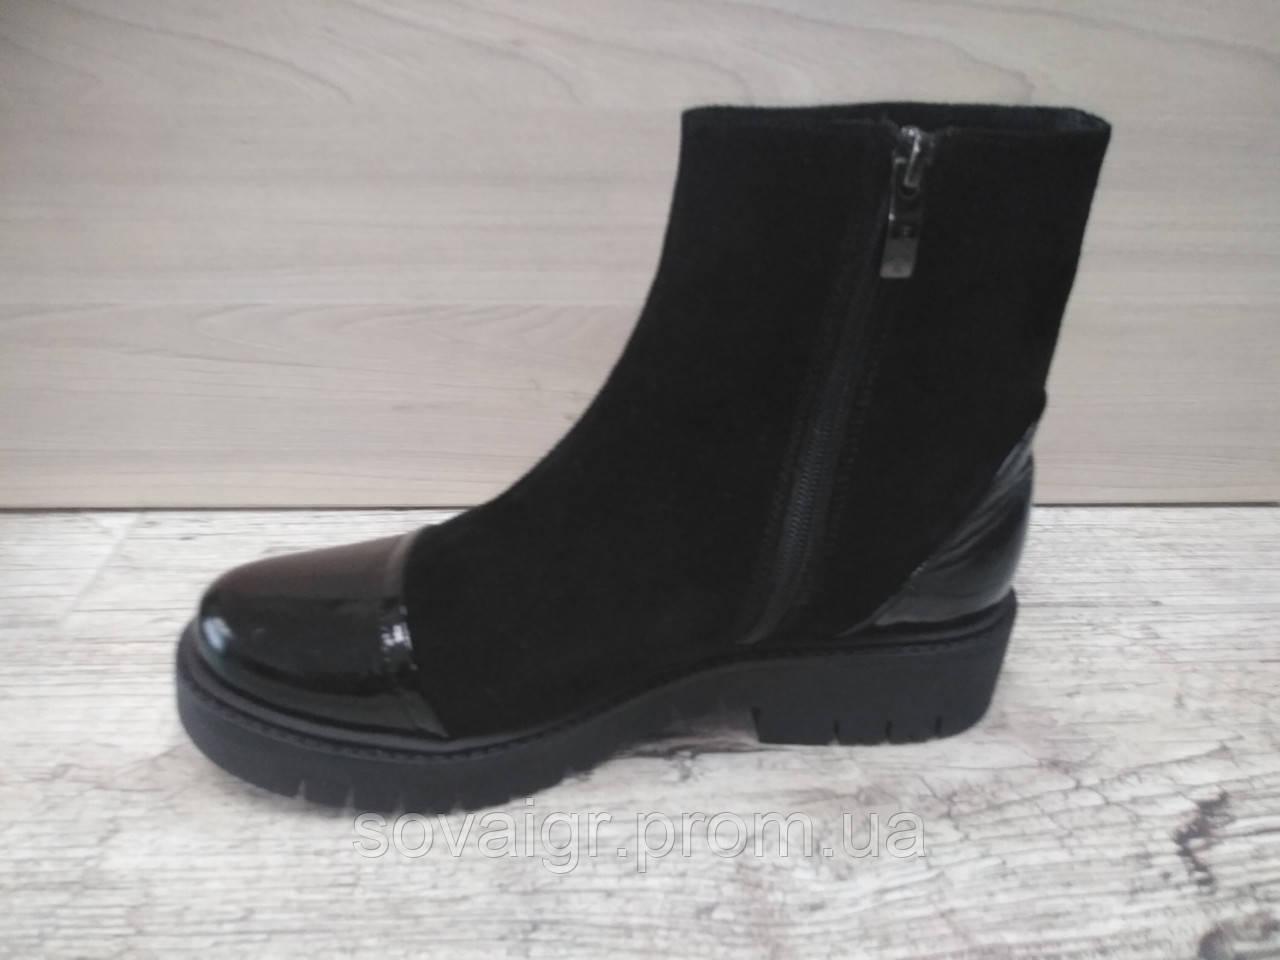 Зимние замшевые подростковые ботинки для девушек EFA